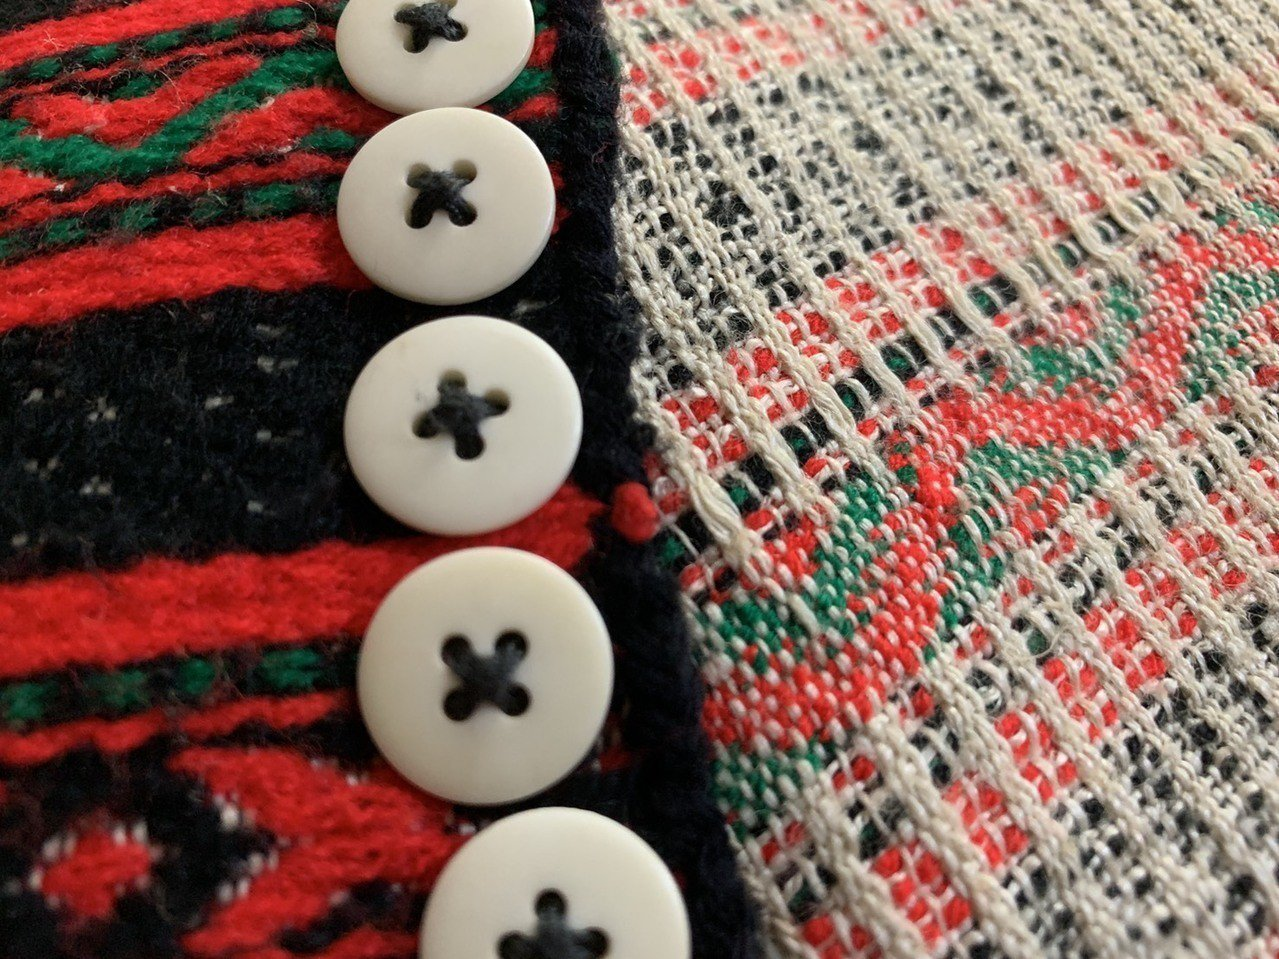 現年98歲的賽德克族人林智妹的這件衣服,是20幾歲自己做的,到現在還能穿。記者魏...